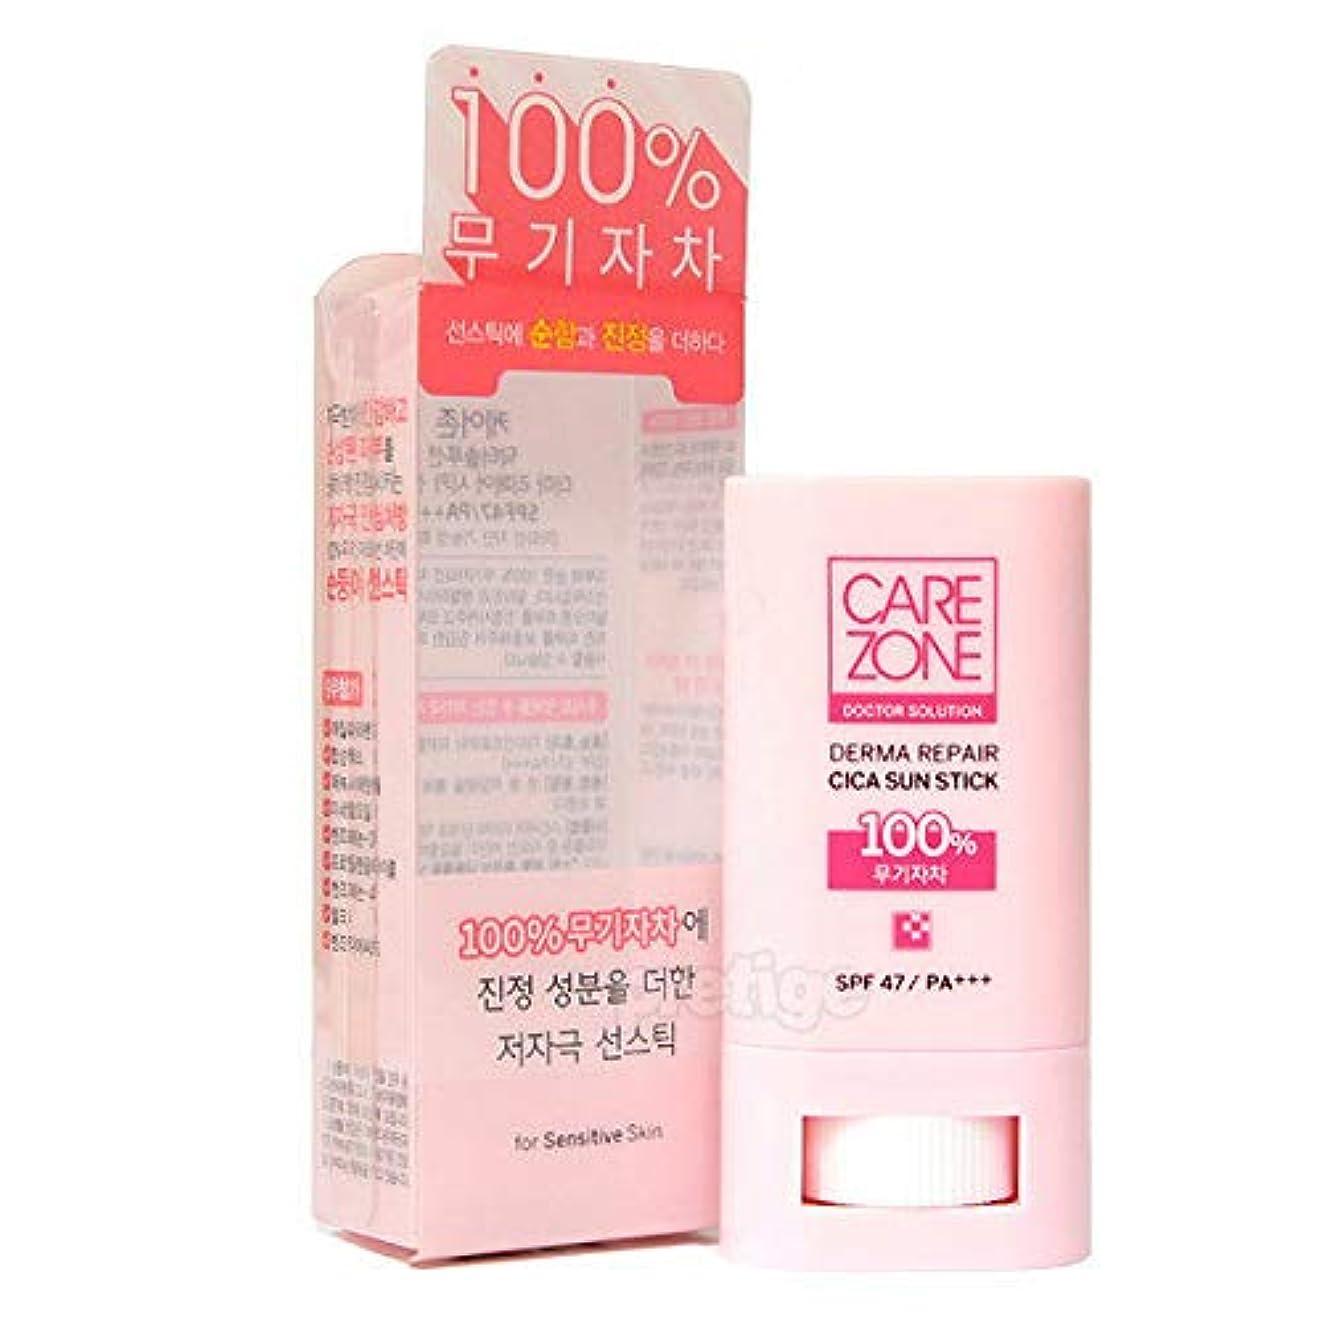 中世のハンマー記事CAREZONE ケアゾーン Doctor Solution Derma Repair Cica Sun Stick サンスティック (20g) SPF47/PA+++ CARE ZONE